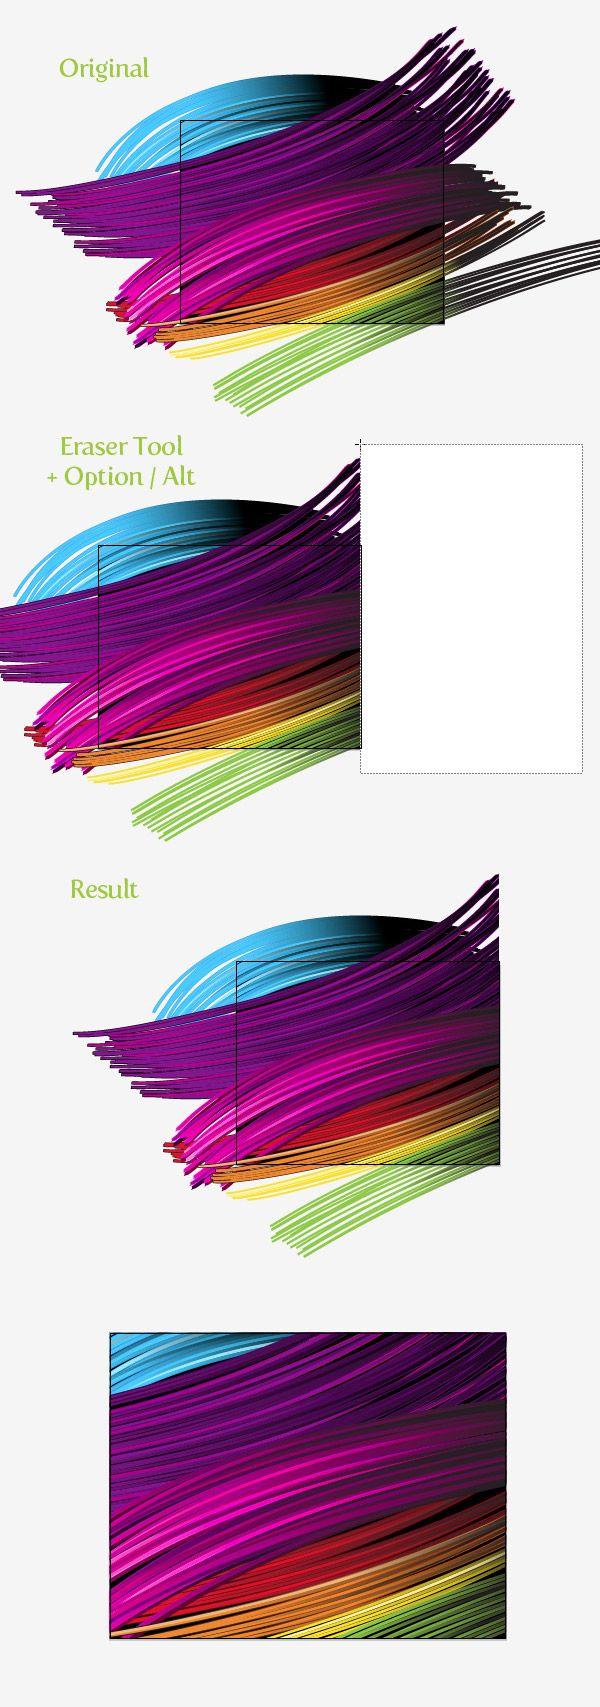 Design large banner in illustrator - Illustrator Tip Option Erase